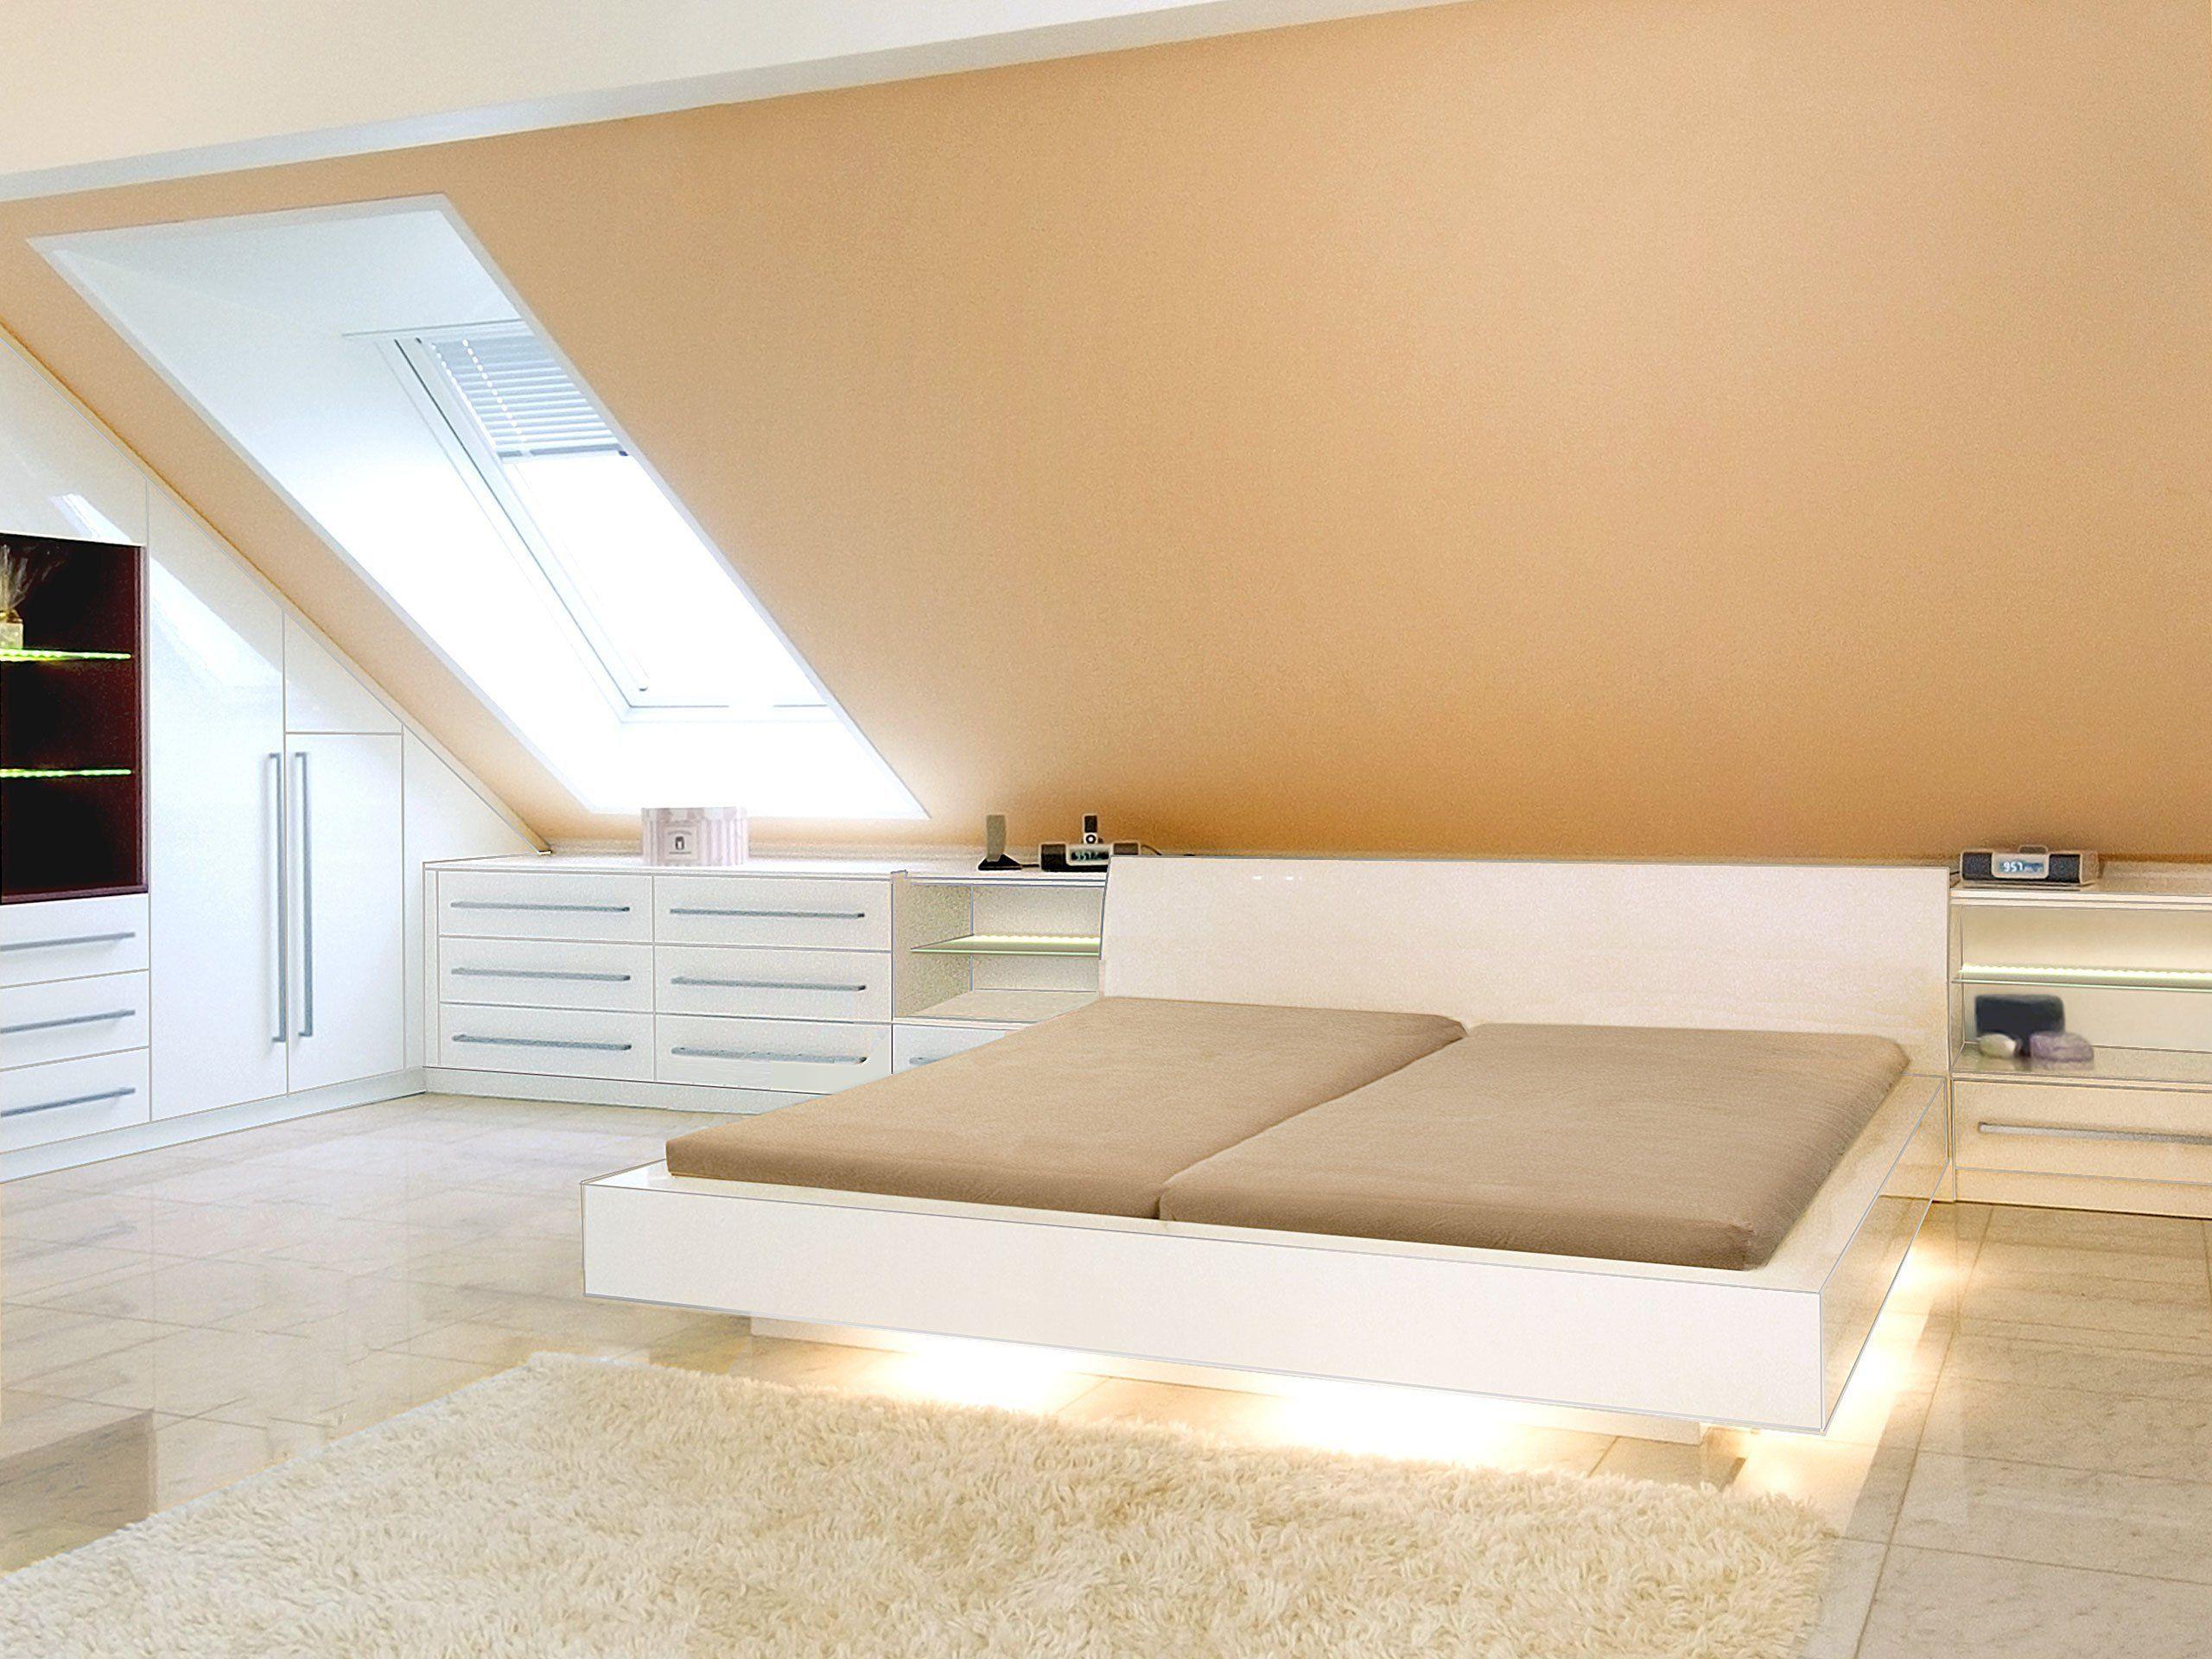 Schlafzimmer Mit Schrage Streichen Ideen Schlafzimmer Einrichten